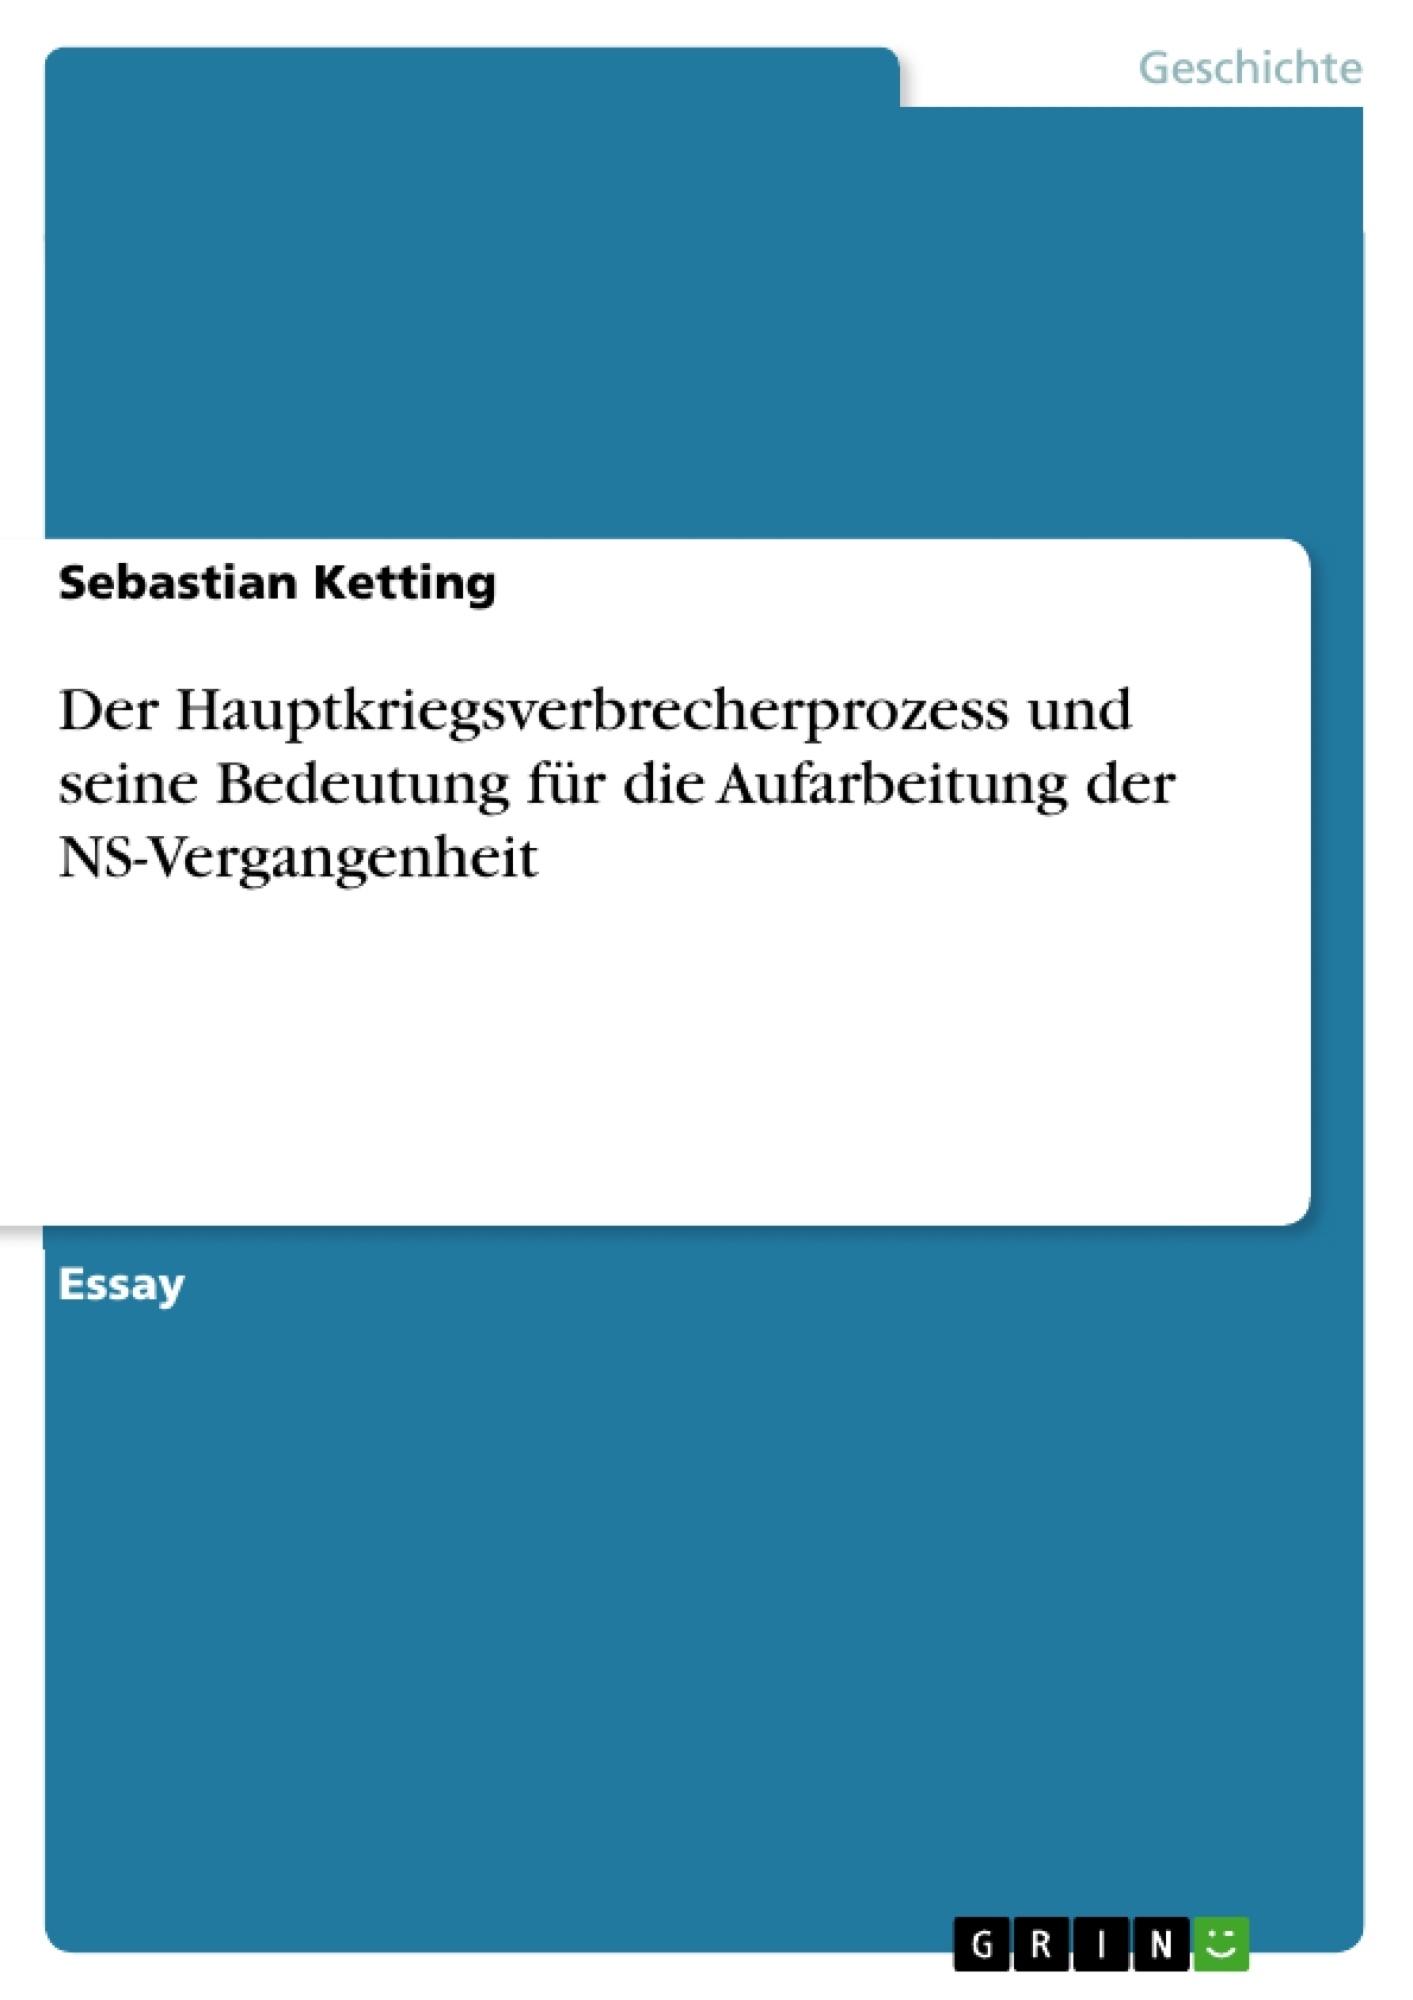 Titel: Der Hauptkriegsverbrecherprozess und seine Bedeutung für die Aufarbeitung der NS-Vergangenheit